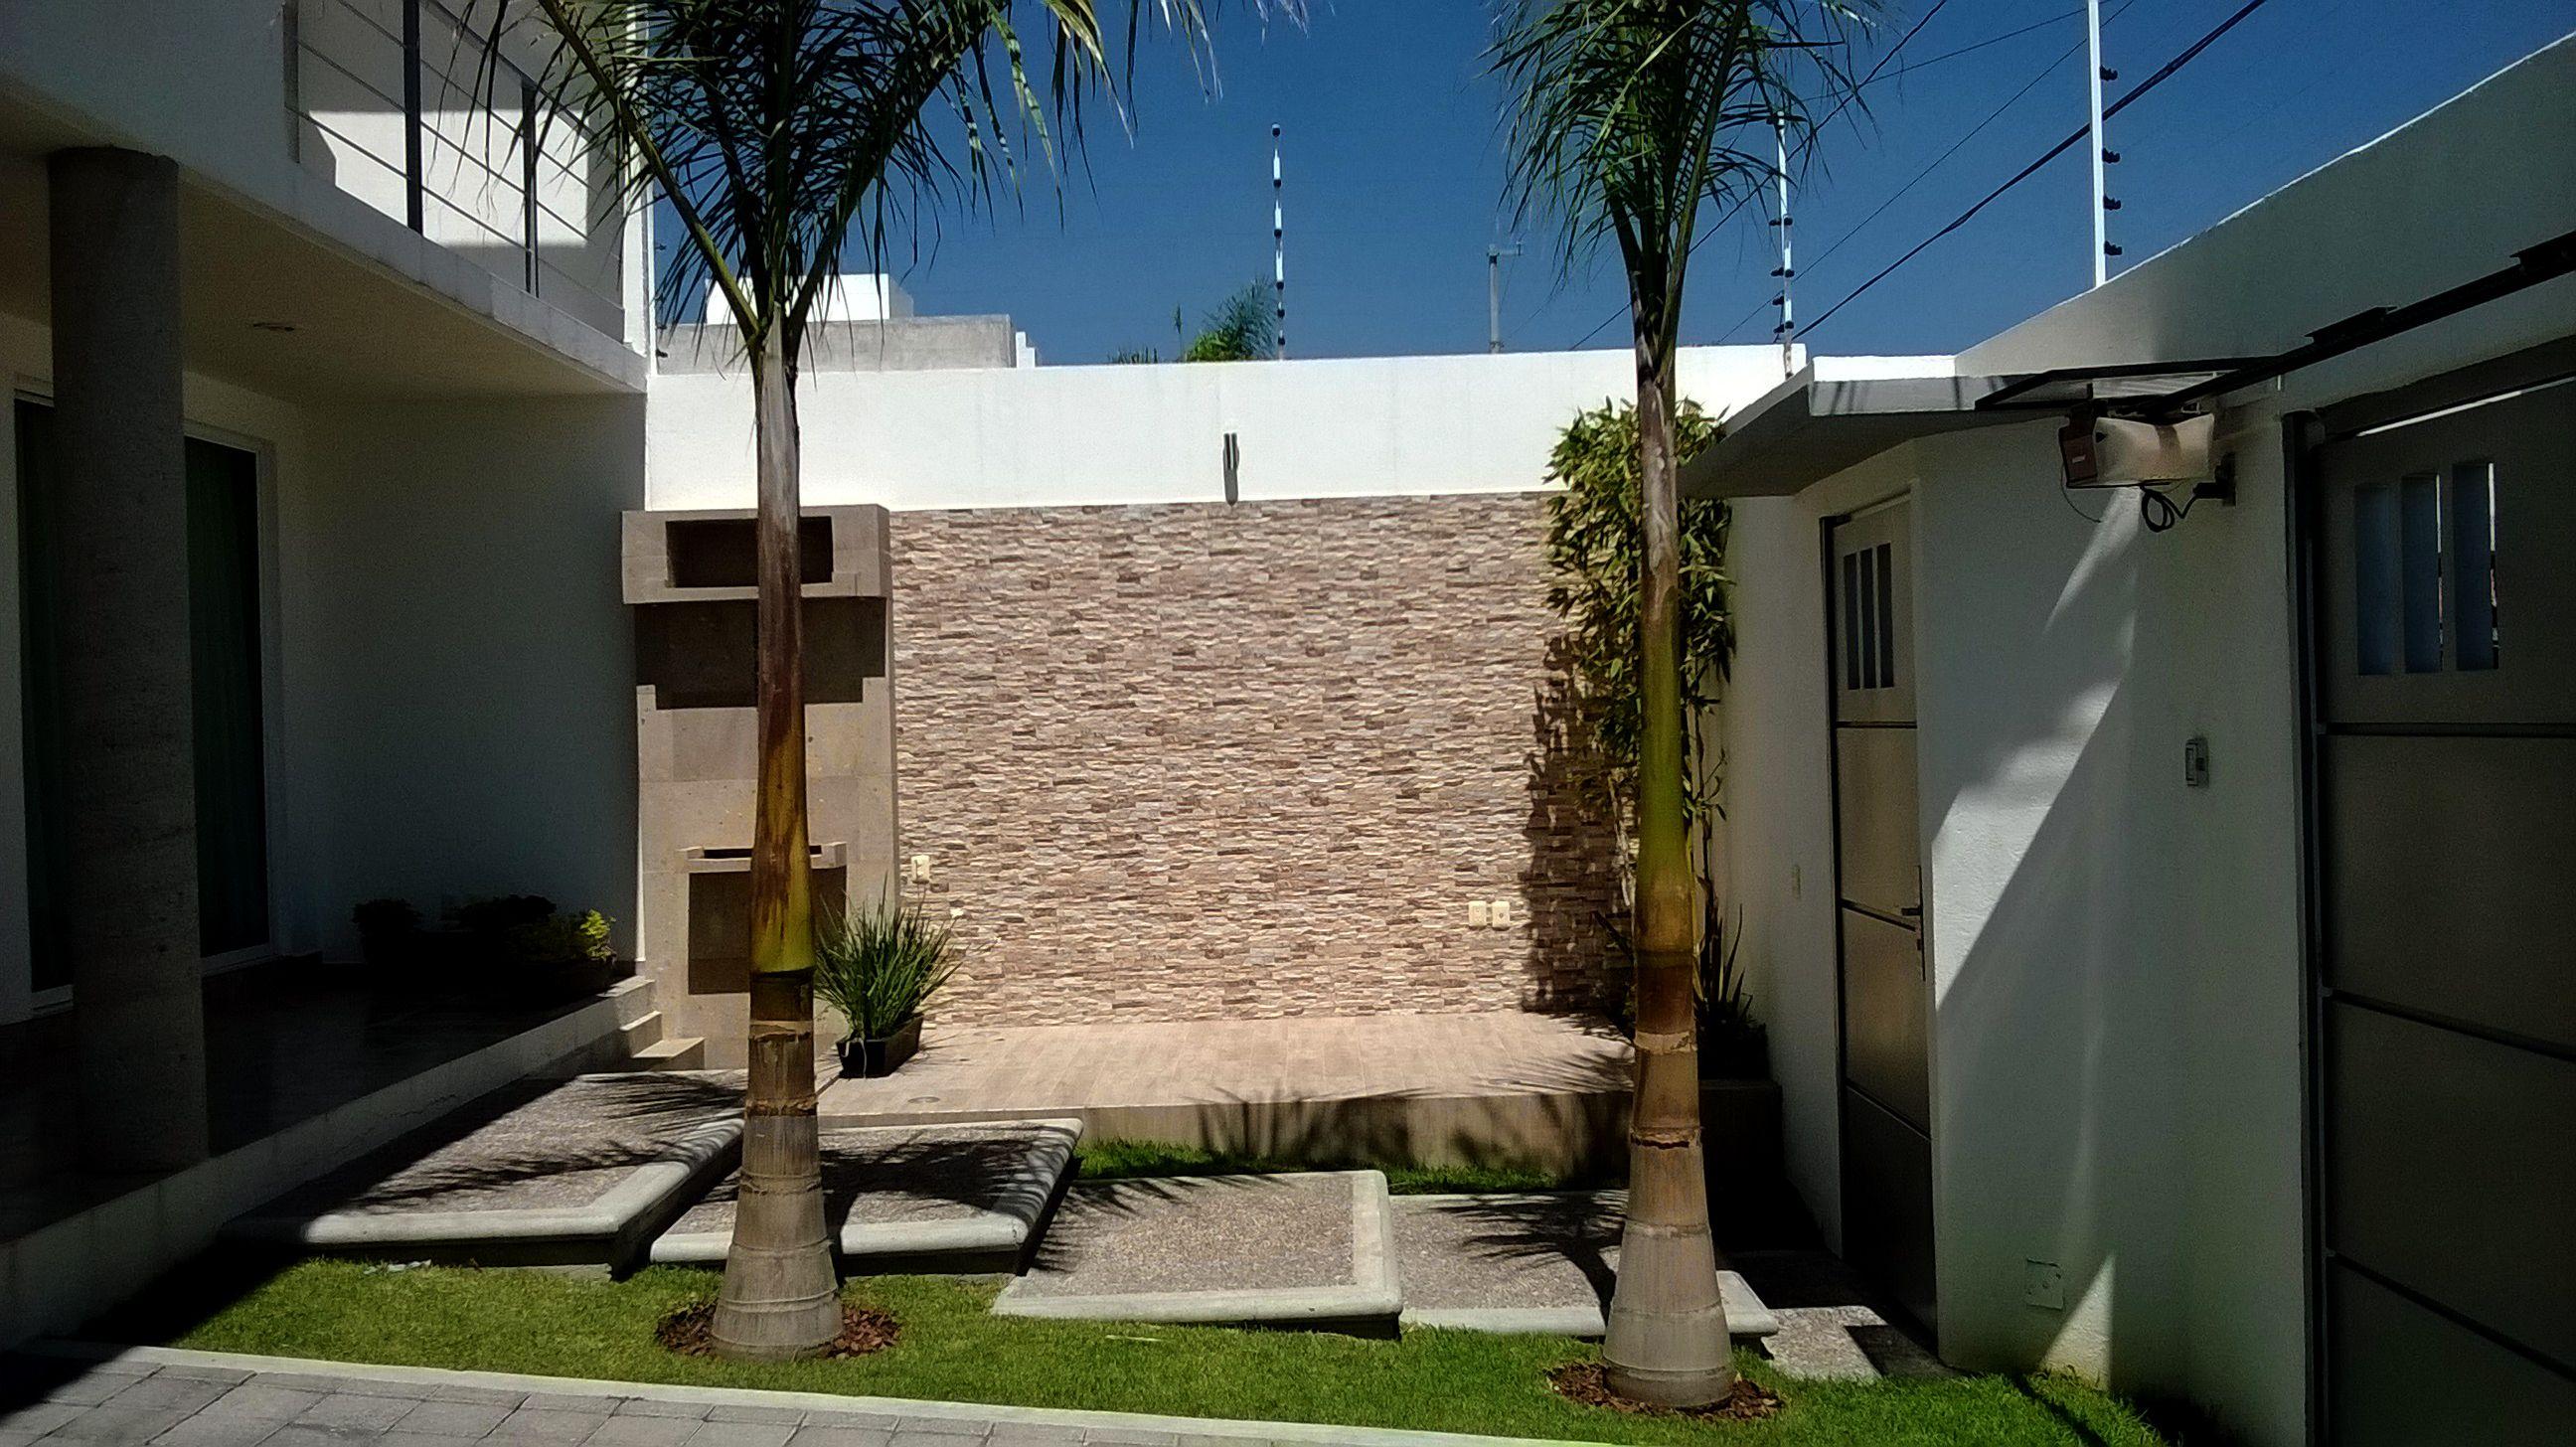 Detalle de terraza, Privada Juriquilla, Querétaro, México